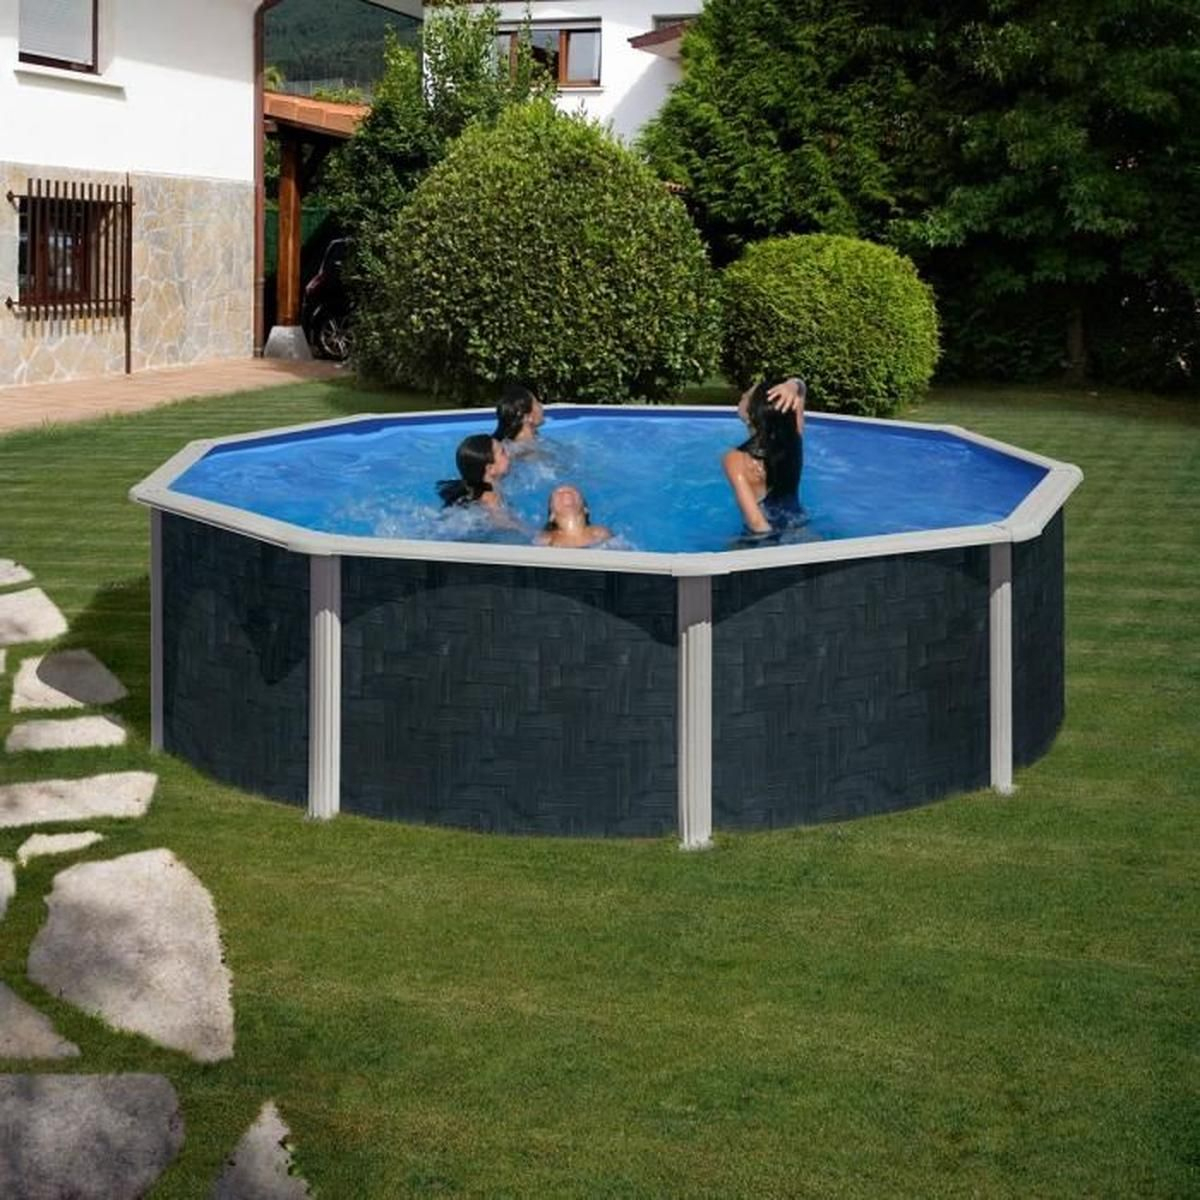 Piscine Hors-Sol Acier Aspect Bois Rattan 460 X 120 Cm Gris ... intérieur Solde Piscine Hors Sol